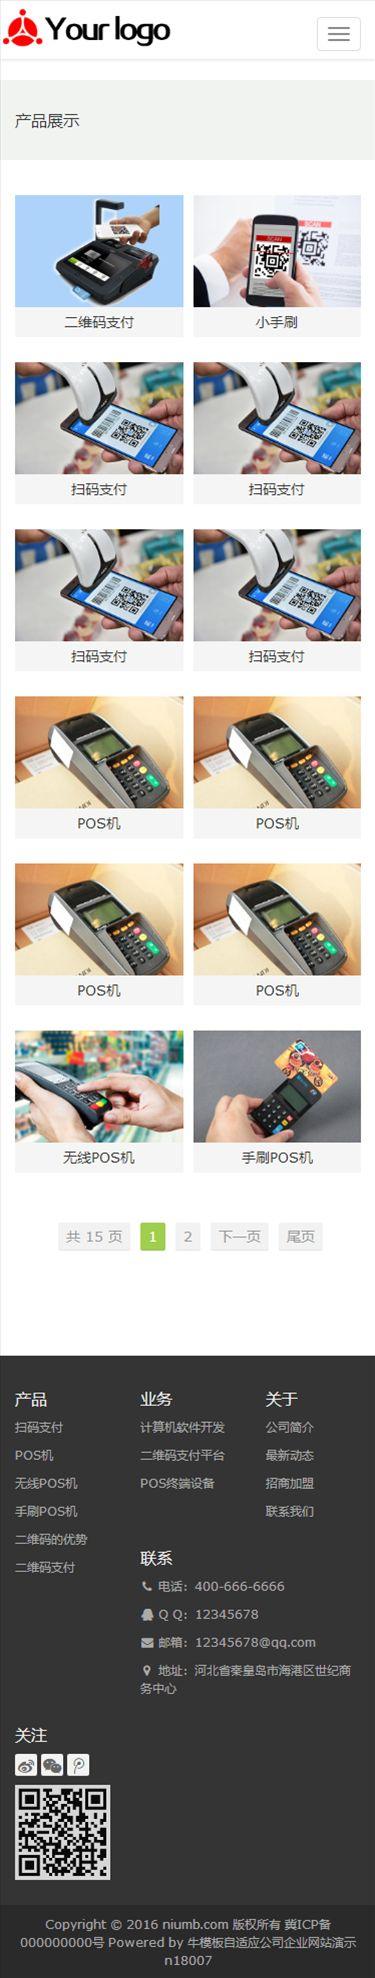 手机端产品列表